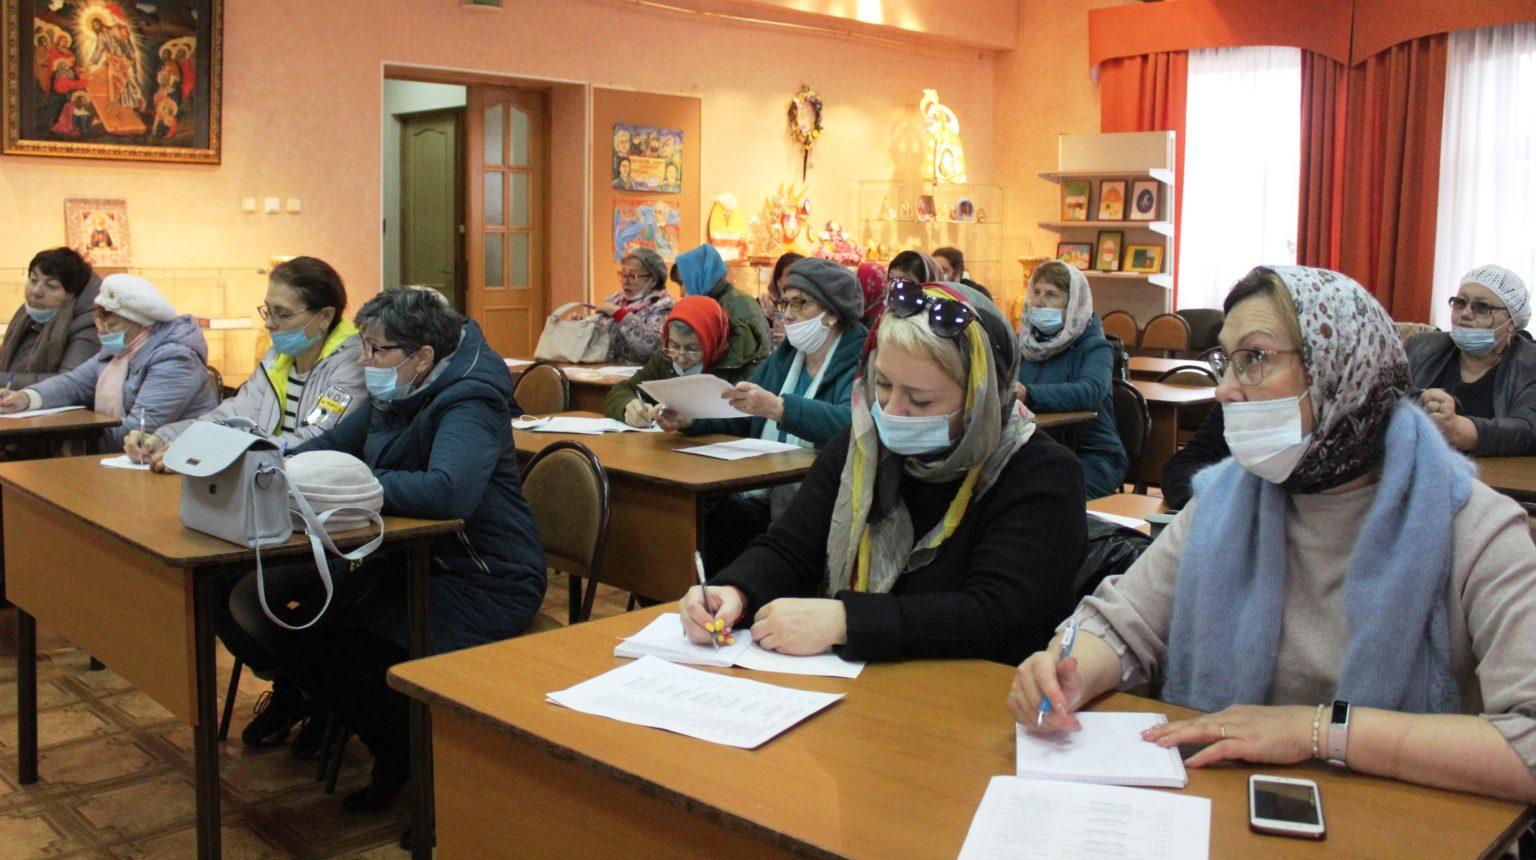 Богословские курсы открылись в Биробиджанской епархии